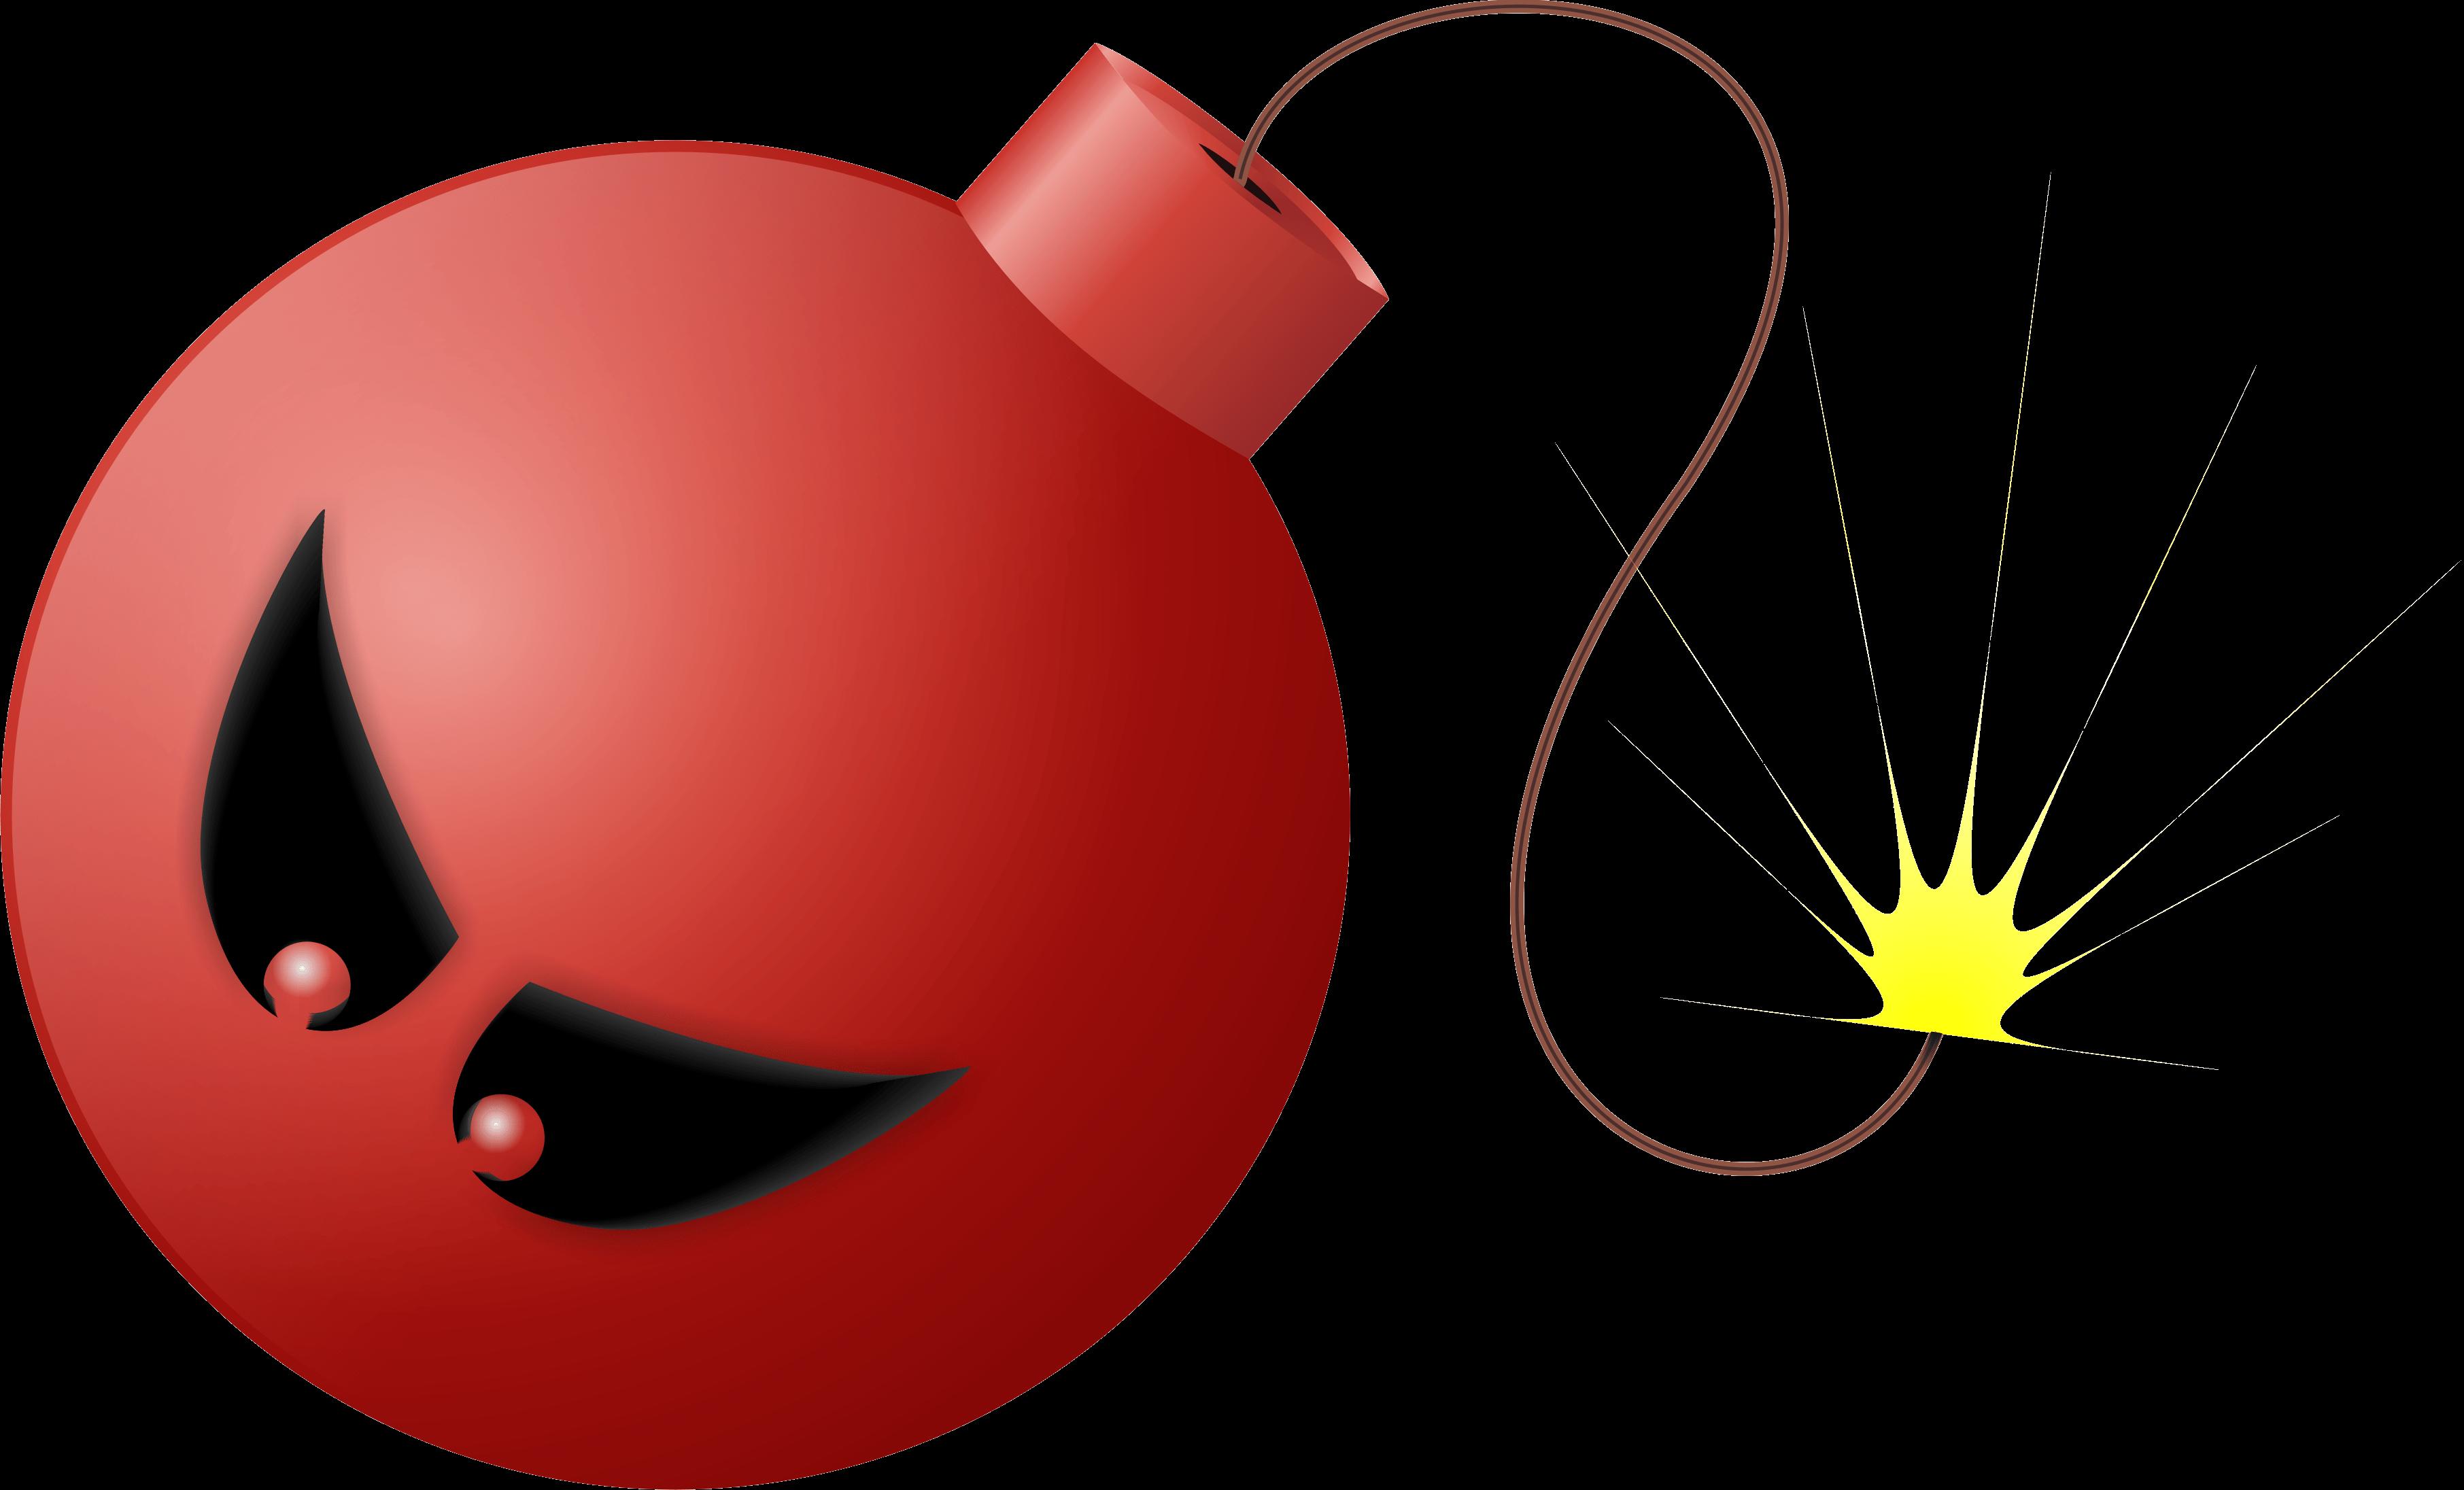 bomb, explode, anger